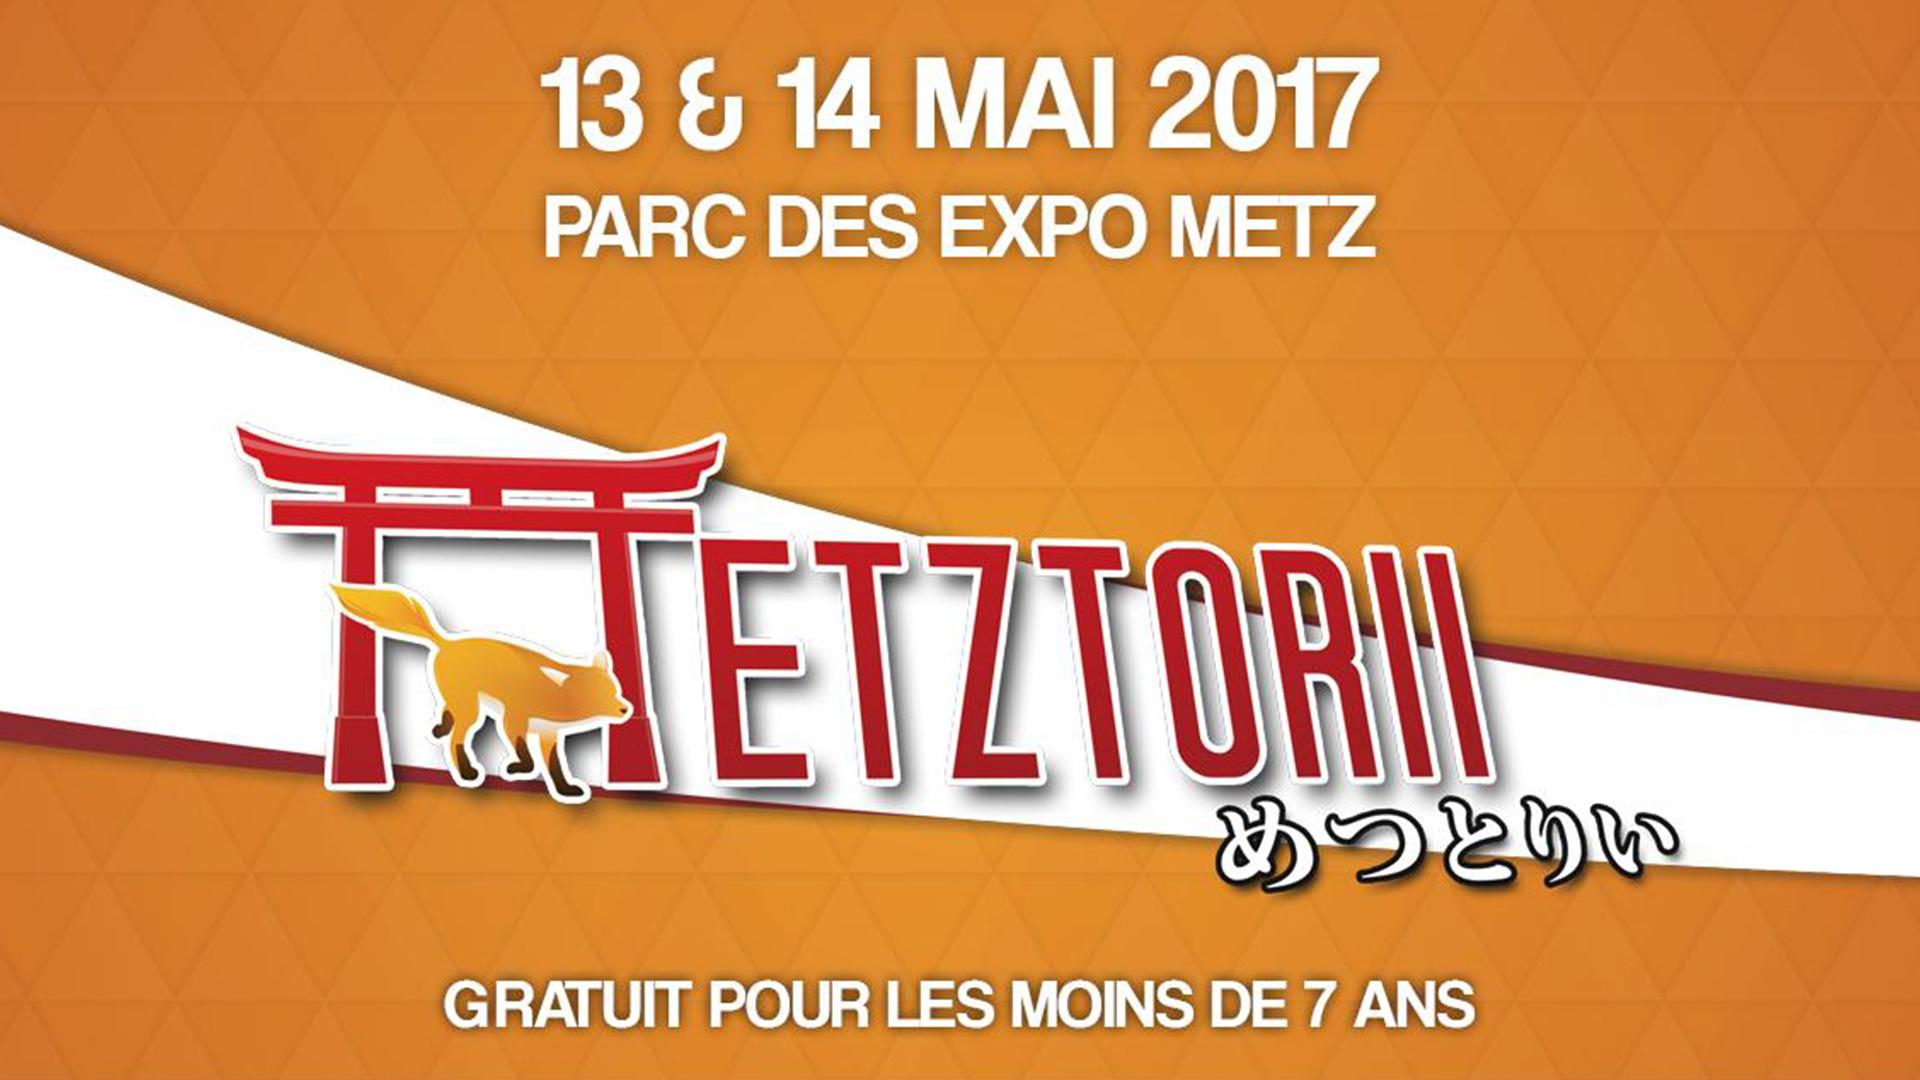 Metztorii la grande convention du grand est metz for Parc des expositions de metz